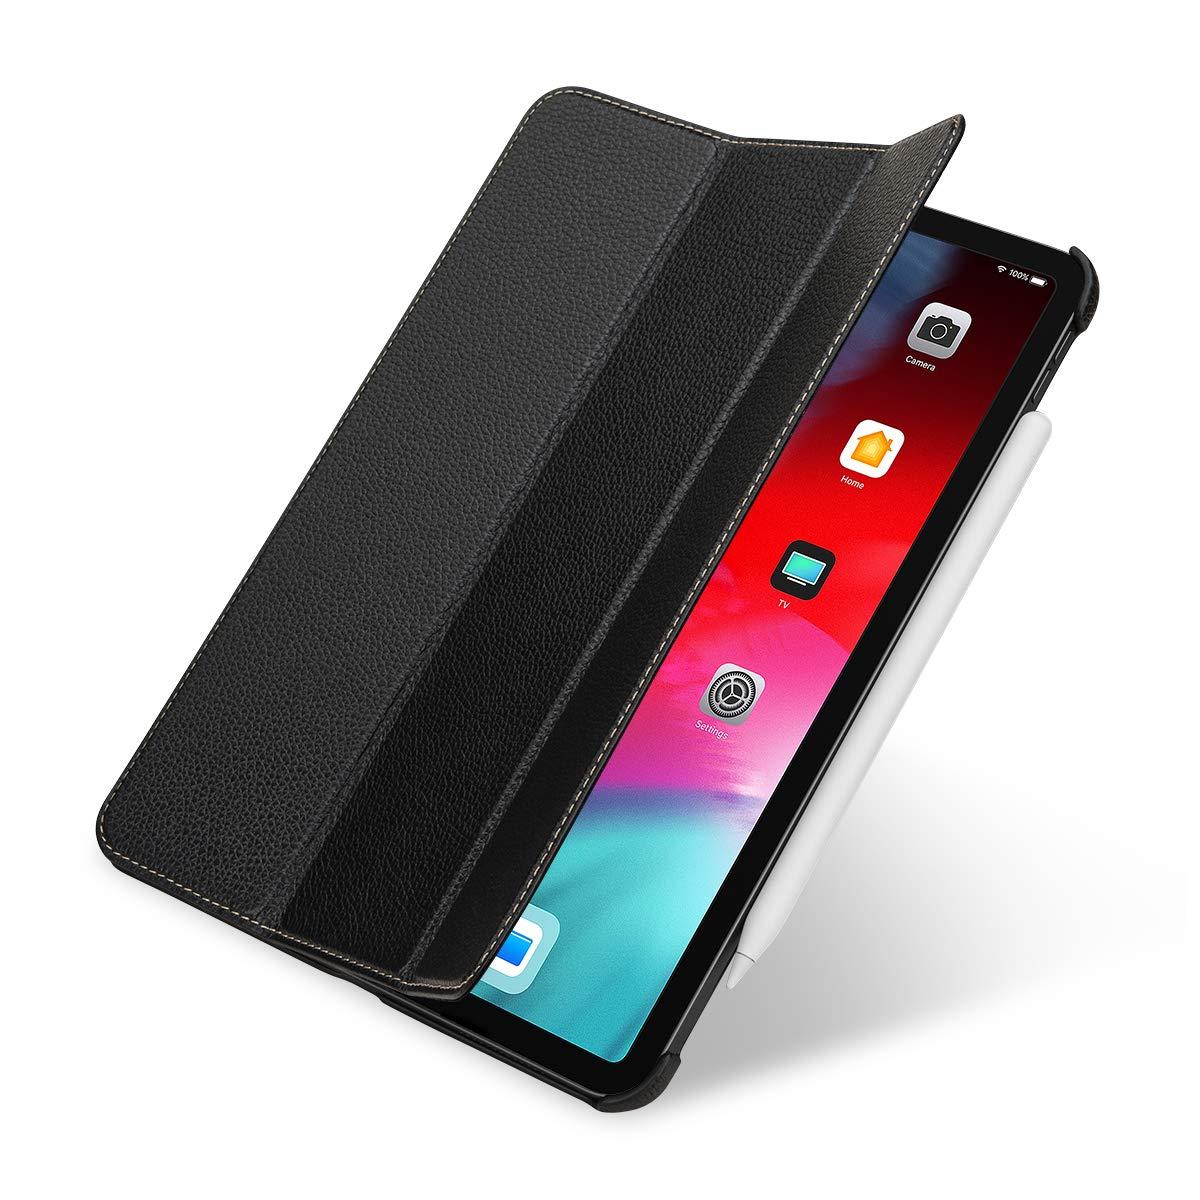 即日発送 StilGut 2018年 Couverture 本革 B07KC2CK51 全面保護 iPad カバー 2018年 新型 Apple iPad Pro 11 インチ オートスリープ レザーケース 三つ折り スタンド付 ブラック black B07KC2CK51, 喜連川町:a14afa29 --- a0267596.xsph.ru